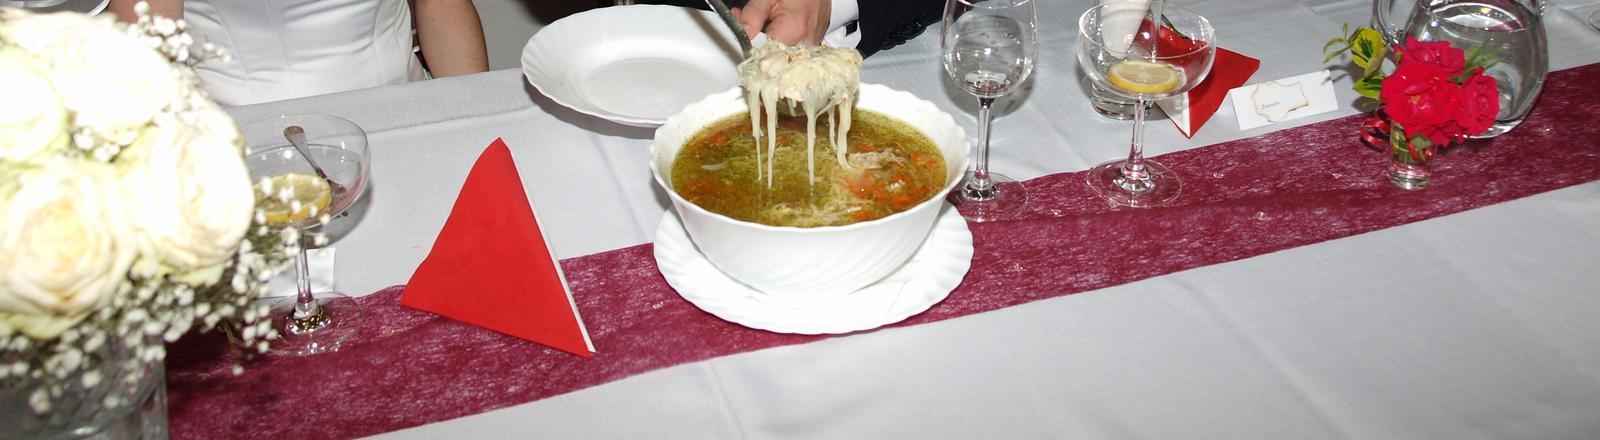 Ozdobný pás,pavučina,rúno,Ozdoba na stol. 0,5m/10m - Obrázok č. 1